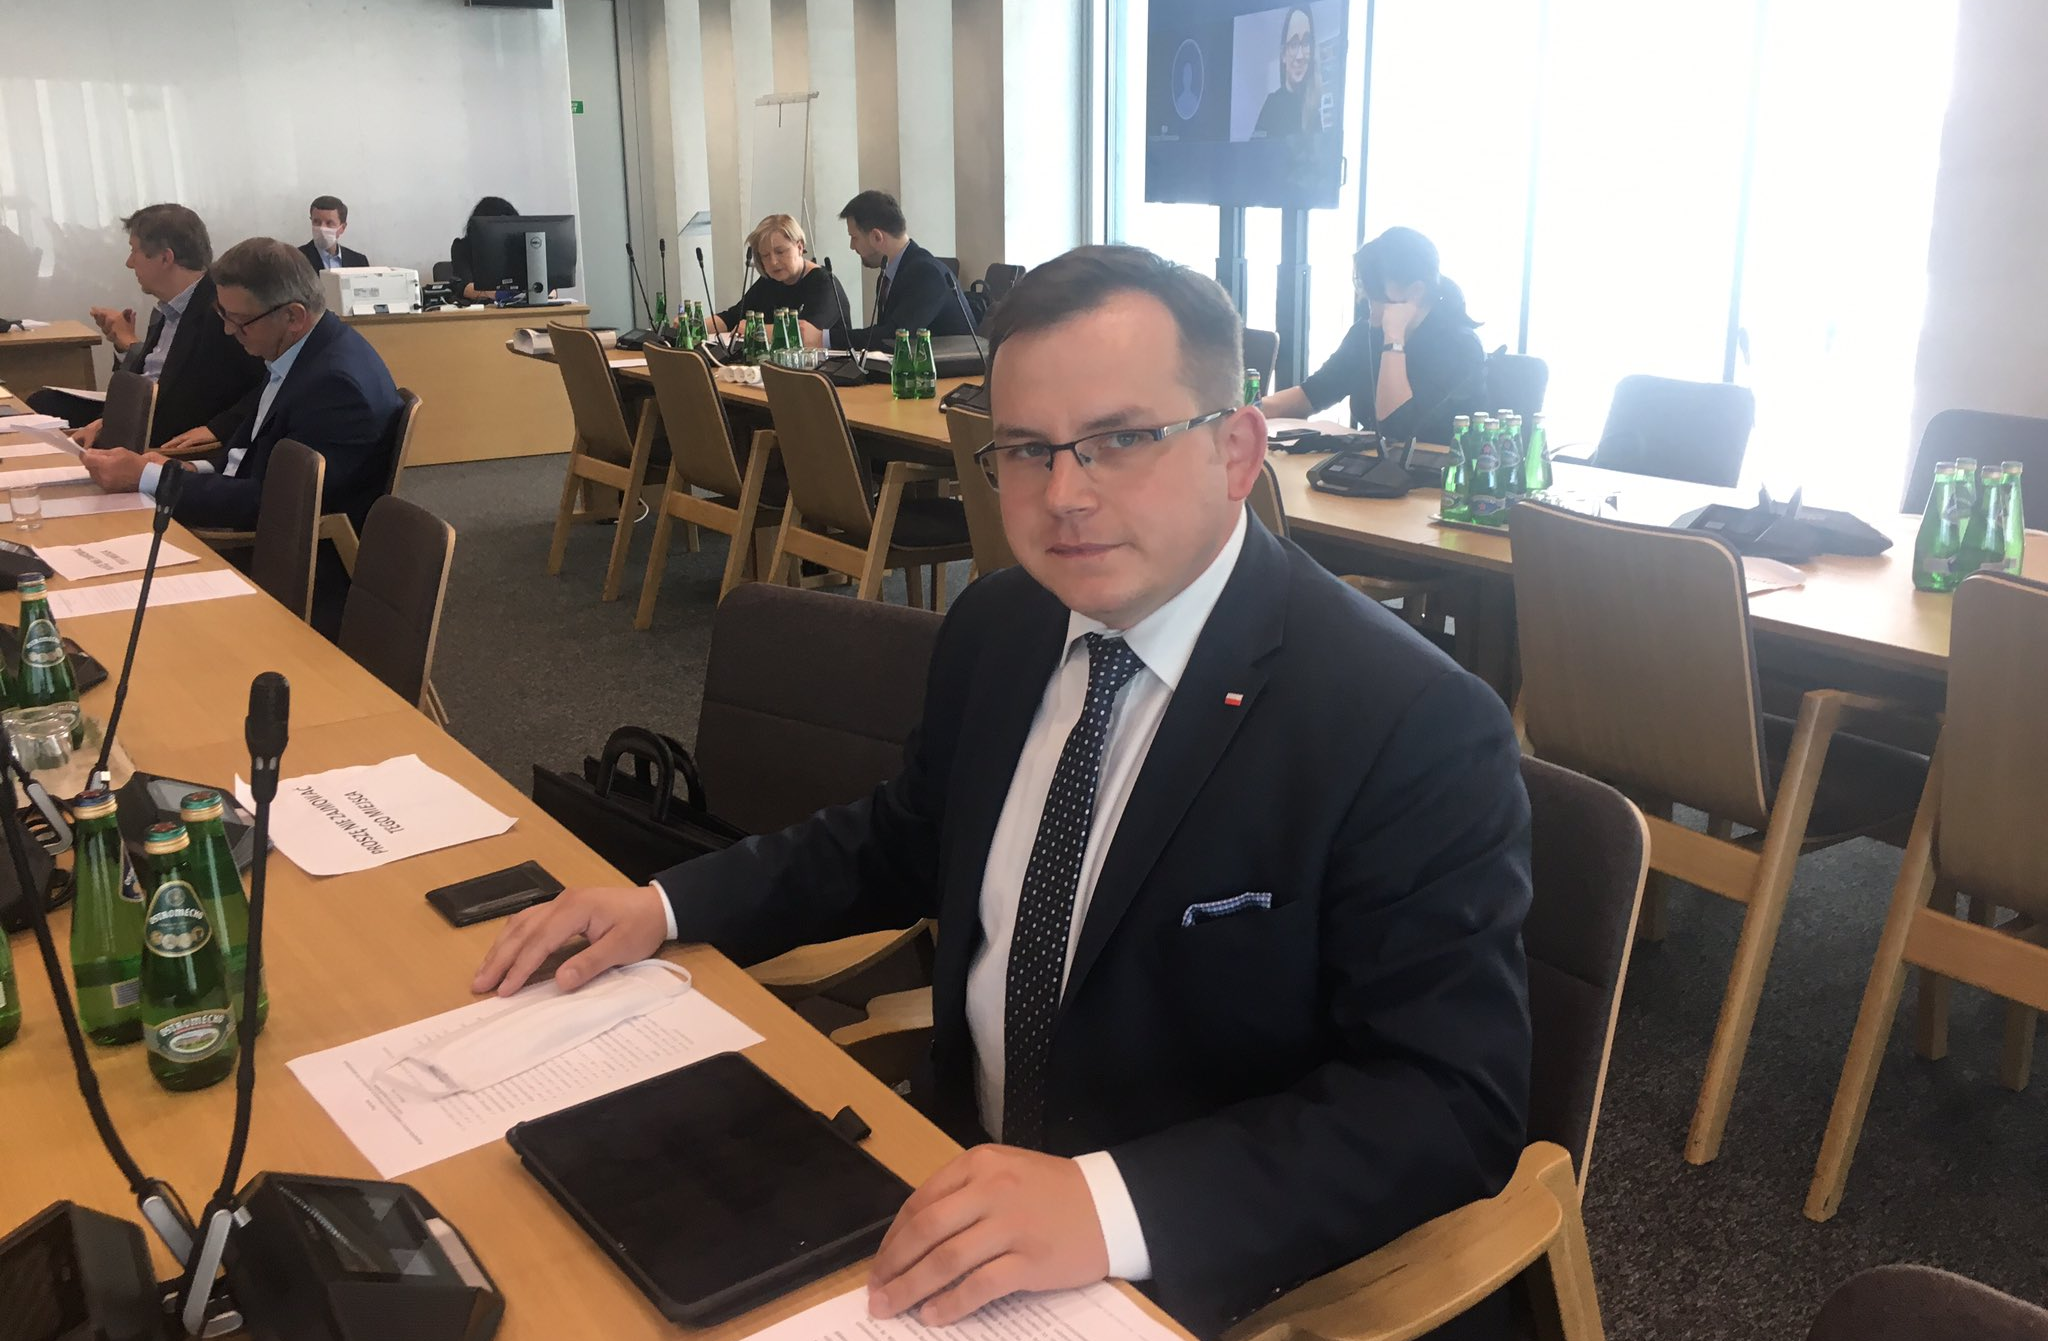 Paweł Rychlik jest farmaceutą i absolwentem Uniwersytetu Medycznego im. Karola Marcinkowskiego w Poznaniu (fot. Twitter/Paweł Rychlik)